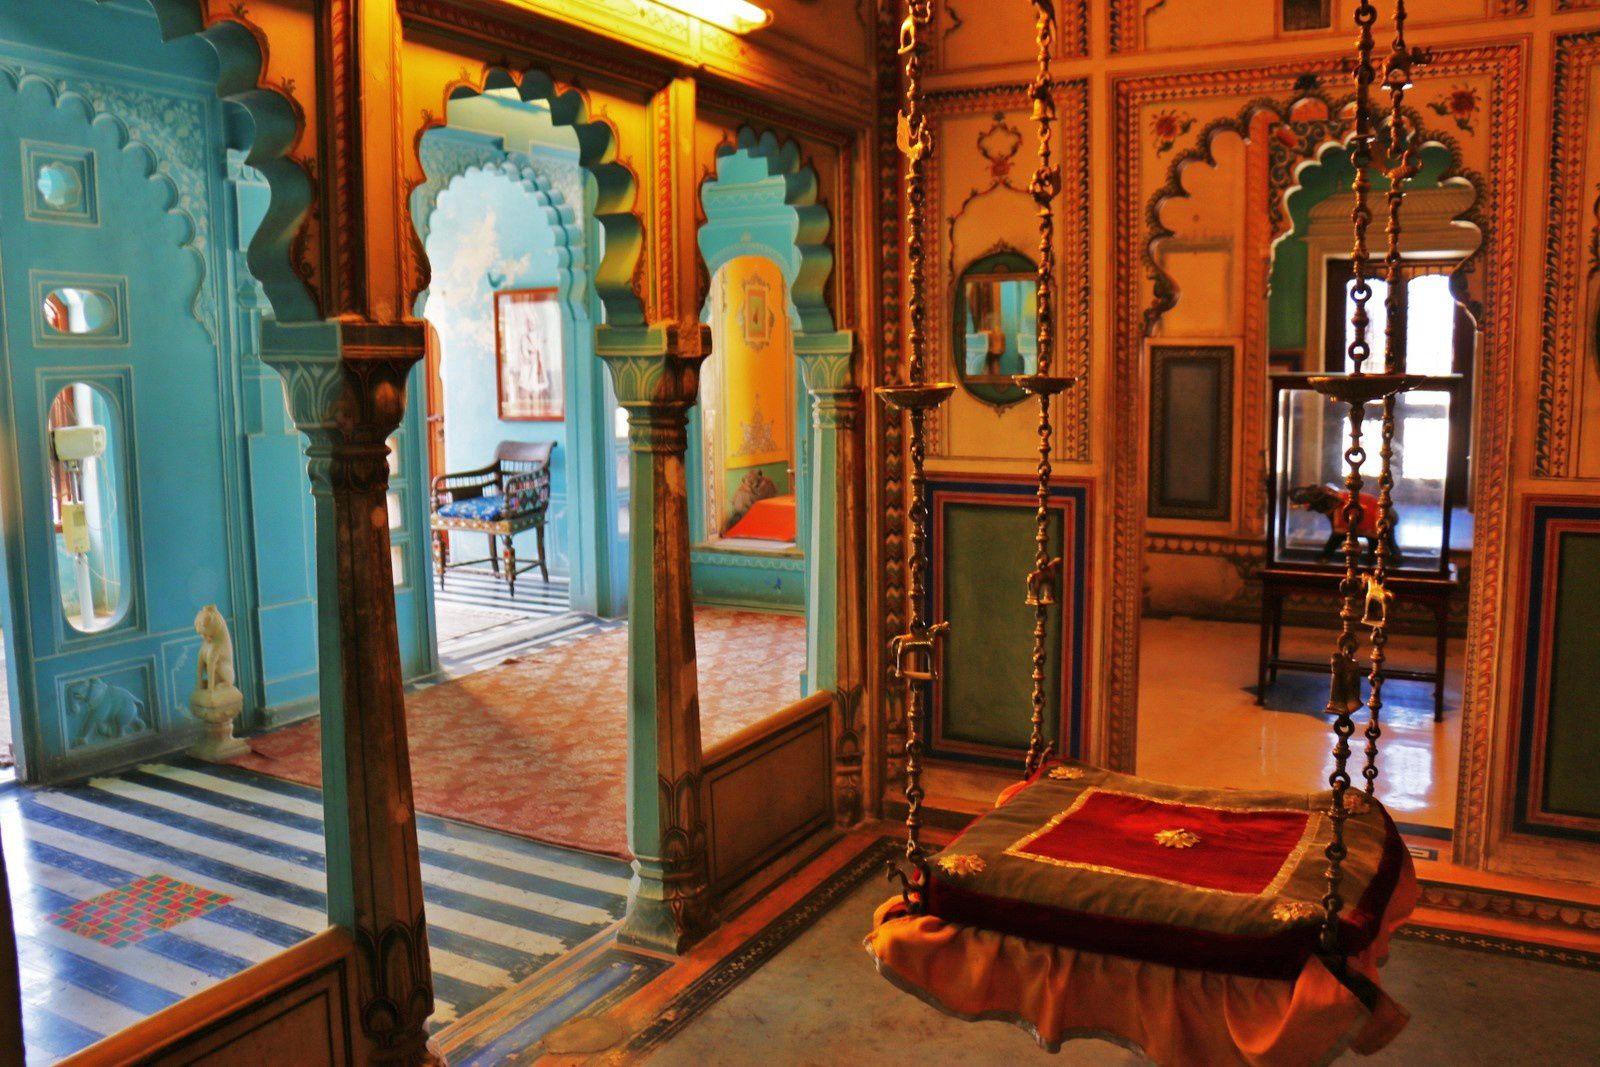 Balancelle et siège de maharana, City Palace Museum (Udaipur, Inde)